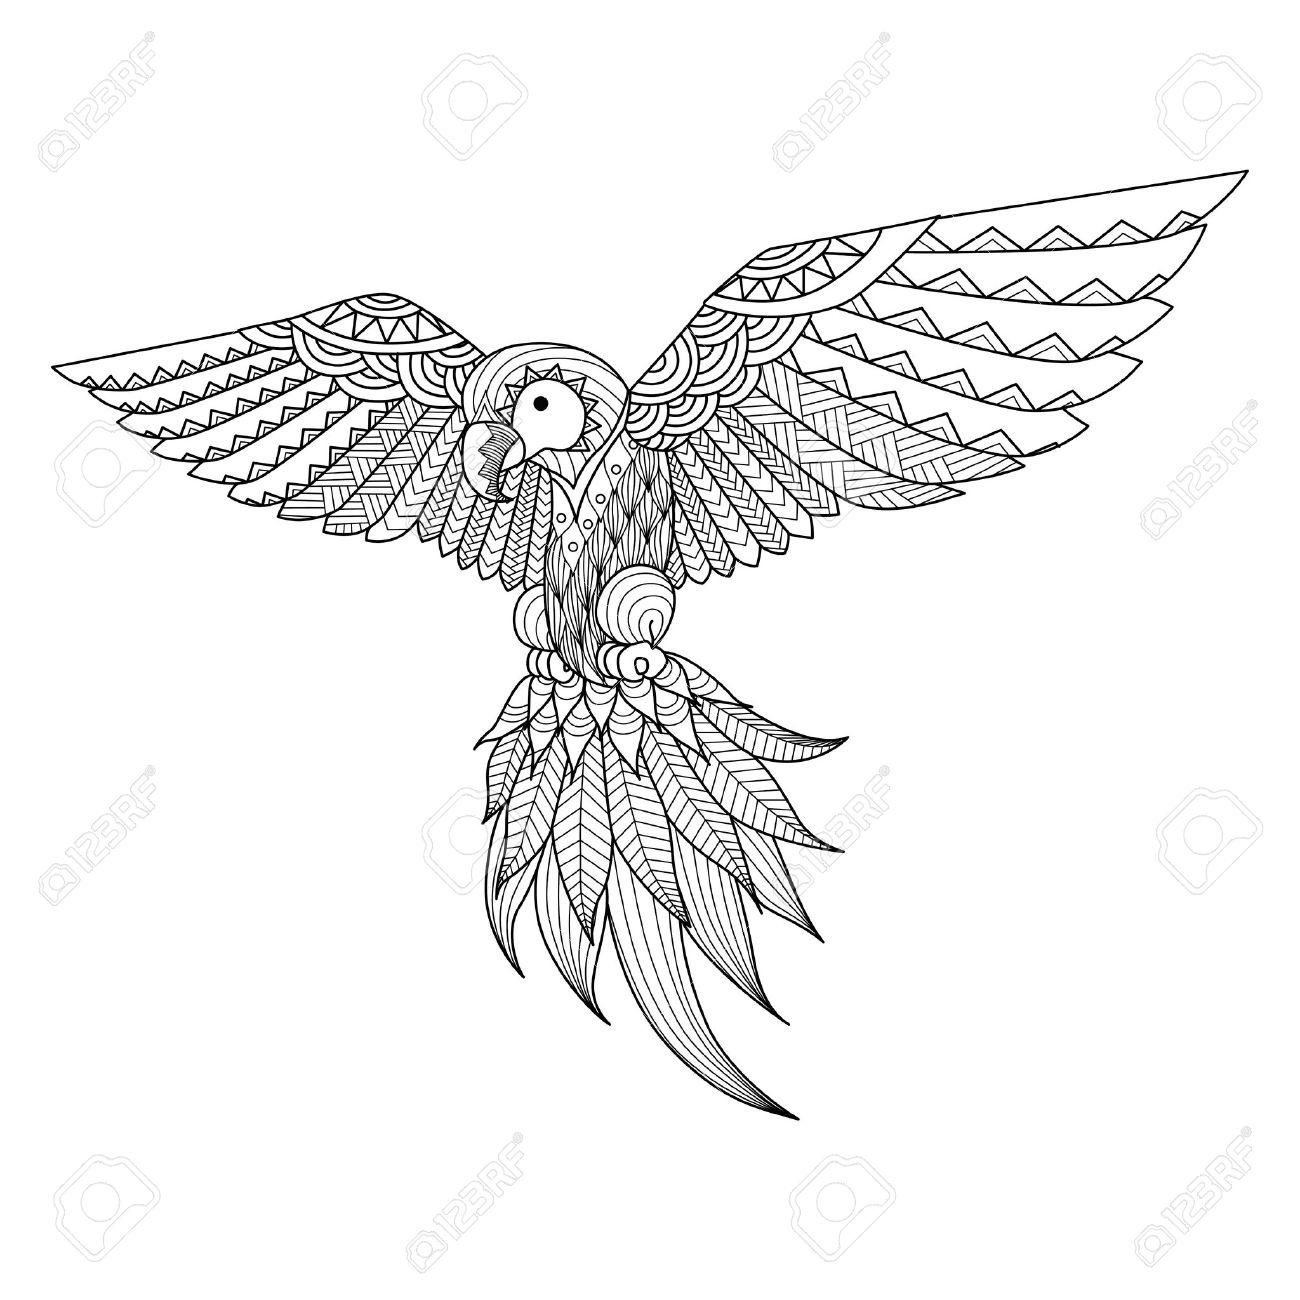 Coloriage Anti Stress Perroquet.Main Perroquet Dessinee Pour Le Livre De Coloriage Tatouage Conception De Chemise Et Ainsi De Suite